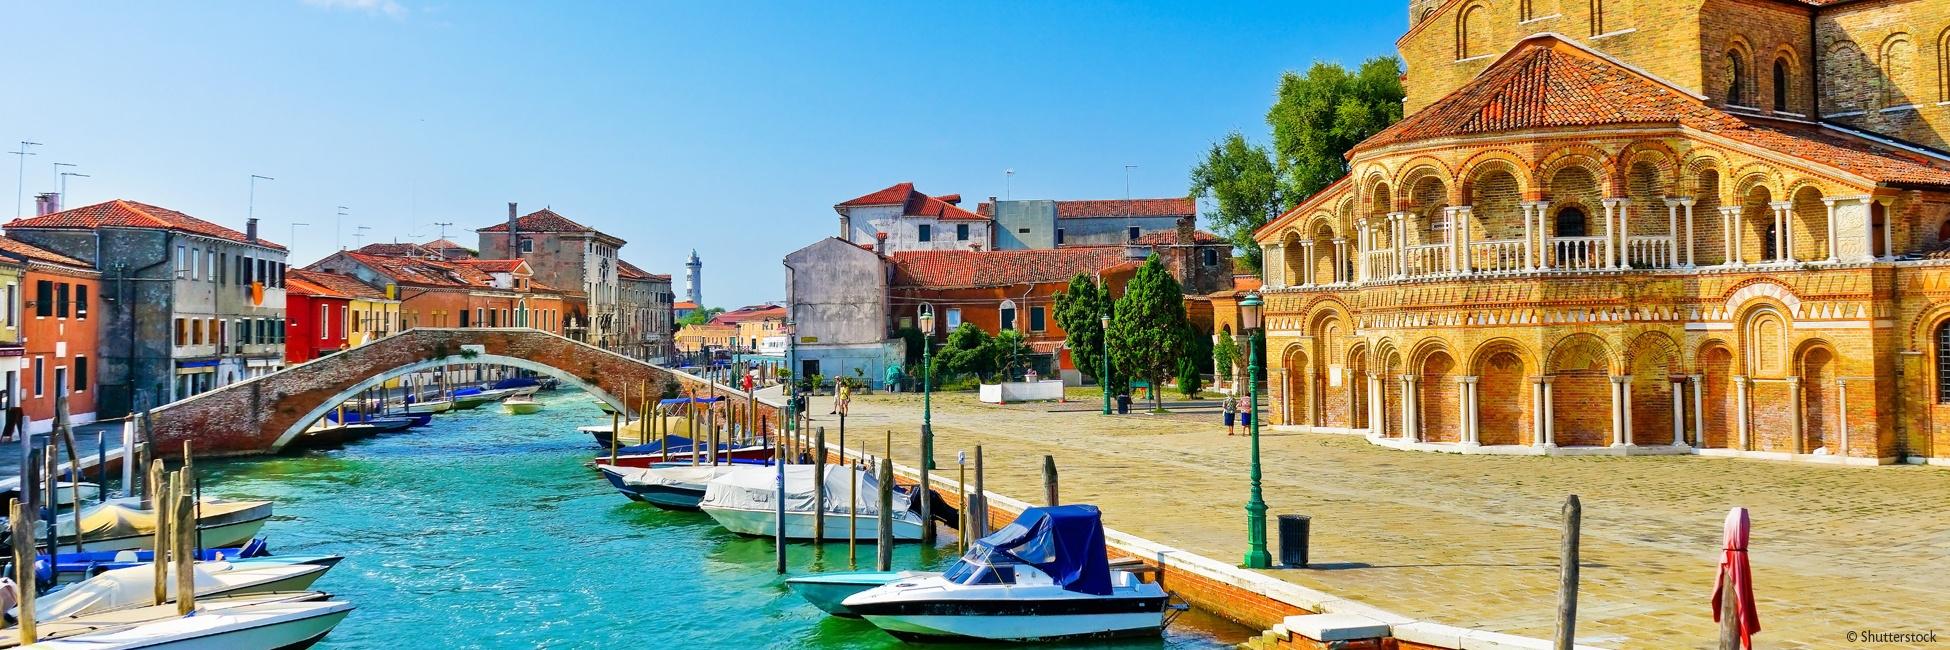 Les trésors de Venise (formule port/port) CroisiEurope